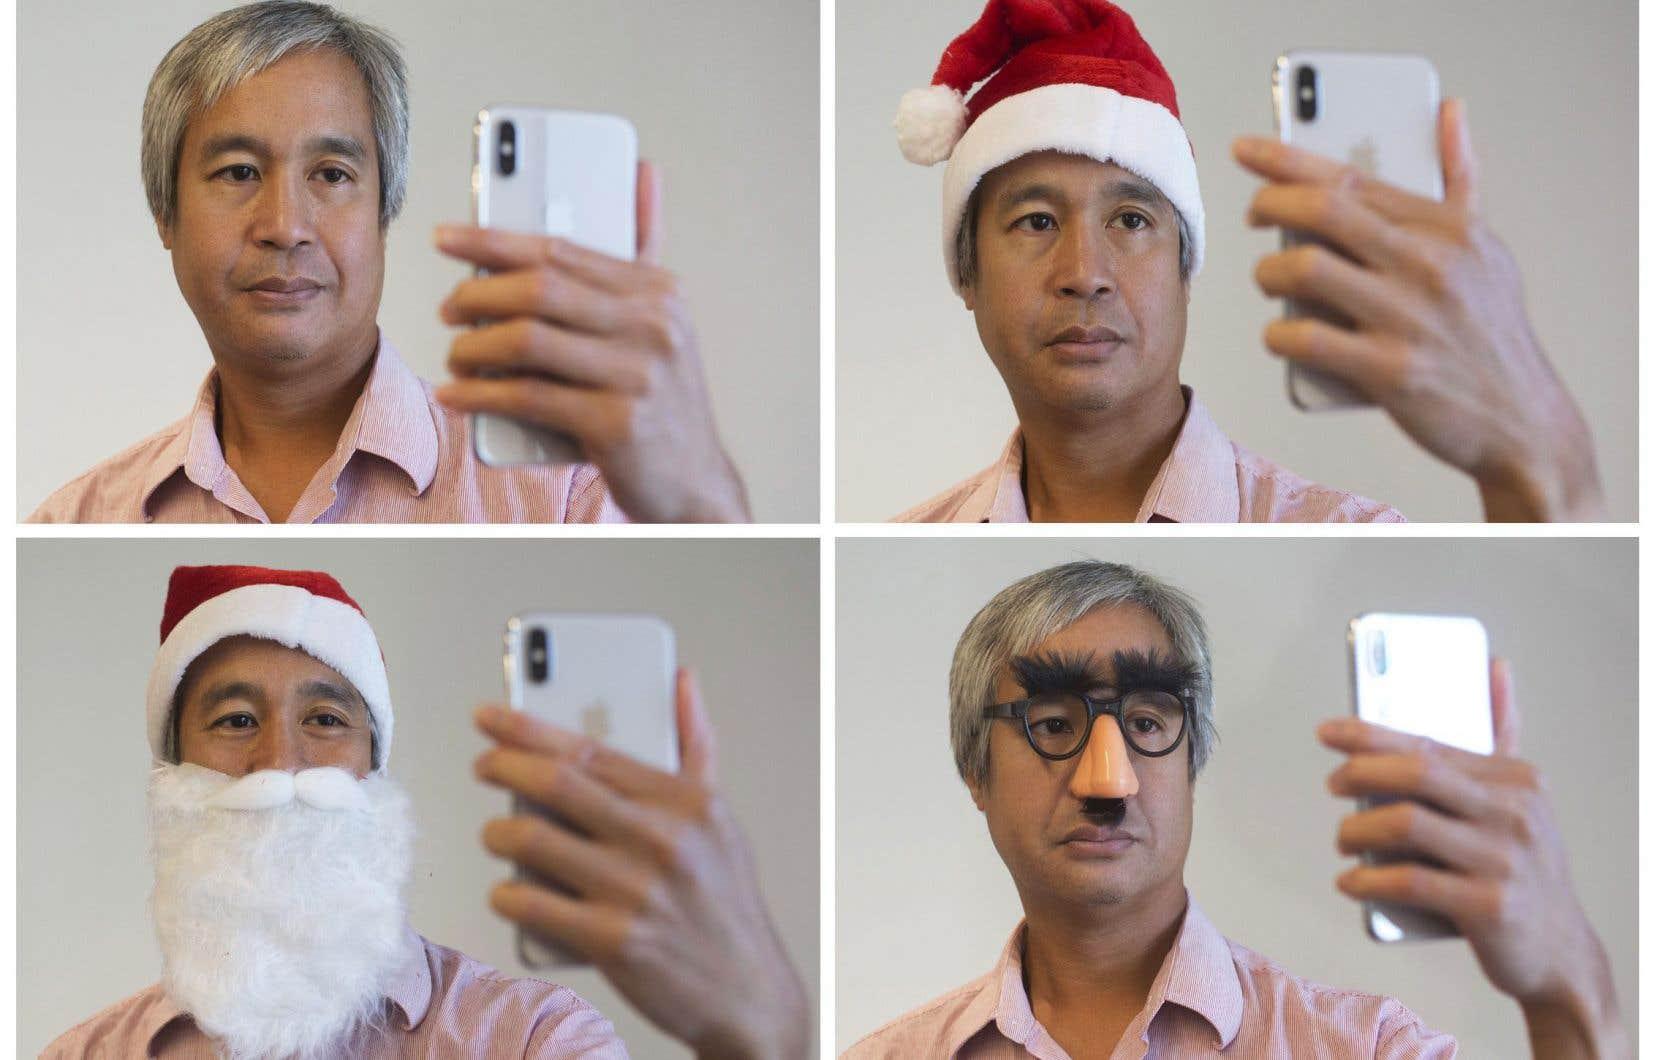 Les costumes et déguisements embêtent le système de reconnaissance faciale de l'appareil. Un bonnet de père Noël est acceptable, mais pas la barbe, par exemple.